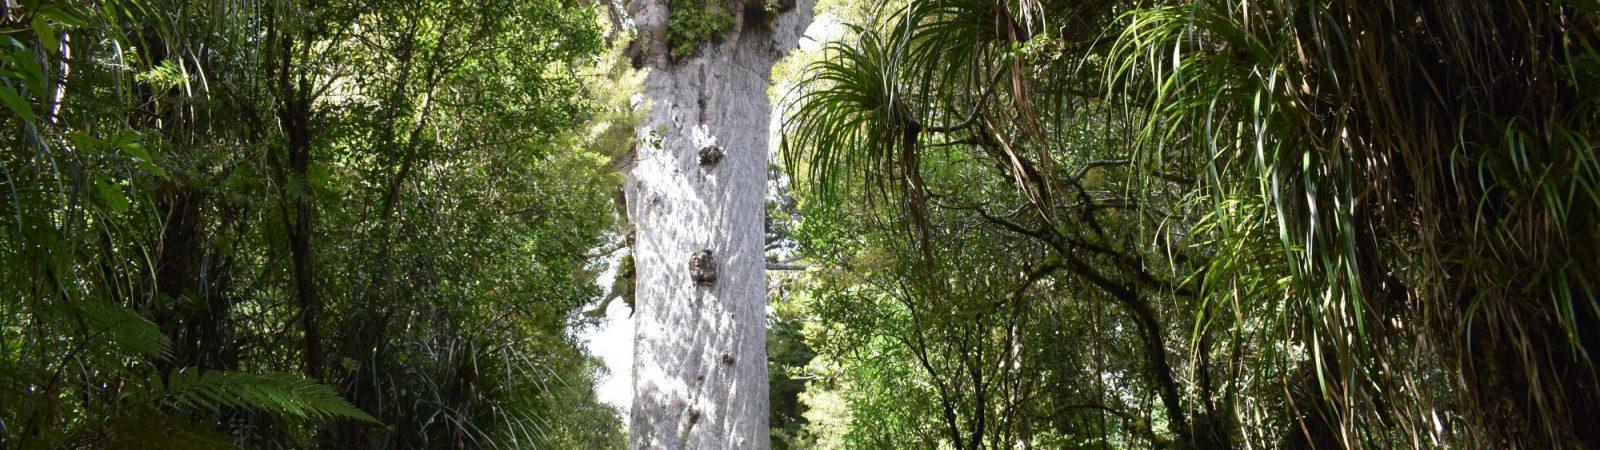 Los troncos de los kauris, unos árboles australianos, encontrados en un pantano reflejan el impacto de la inversión magnética de los polos. Foto: Yathursan Gunaratnam